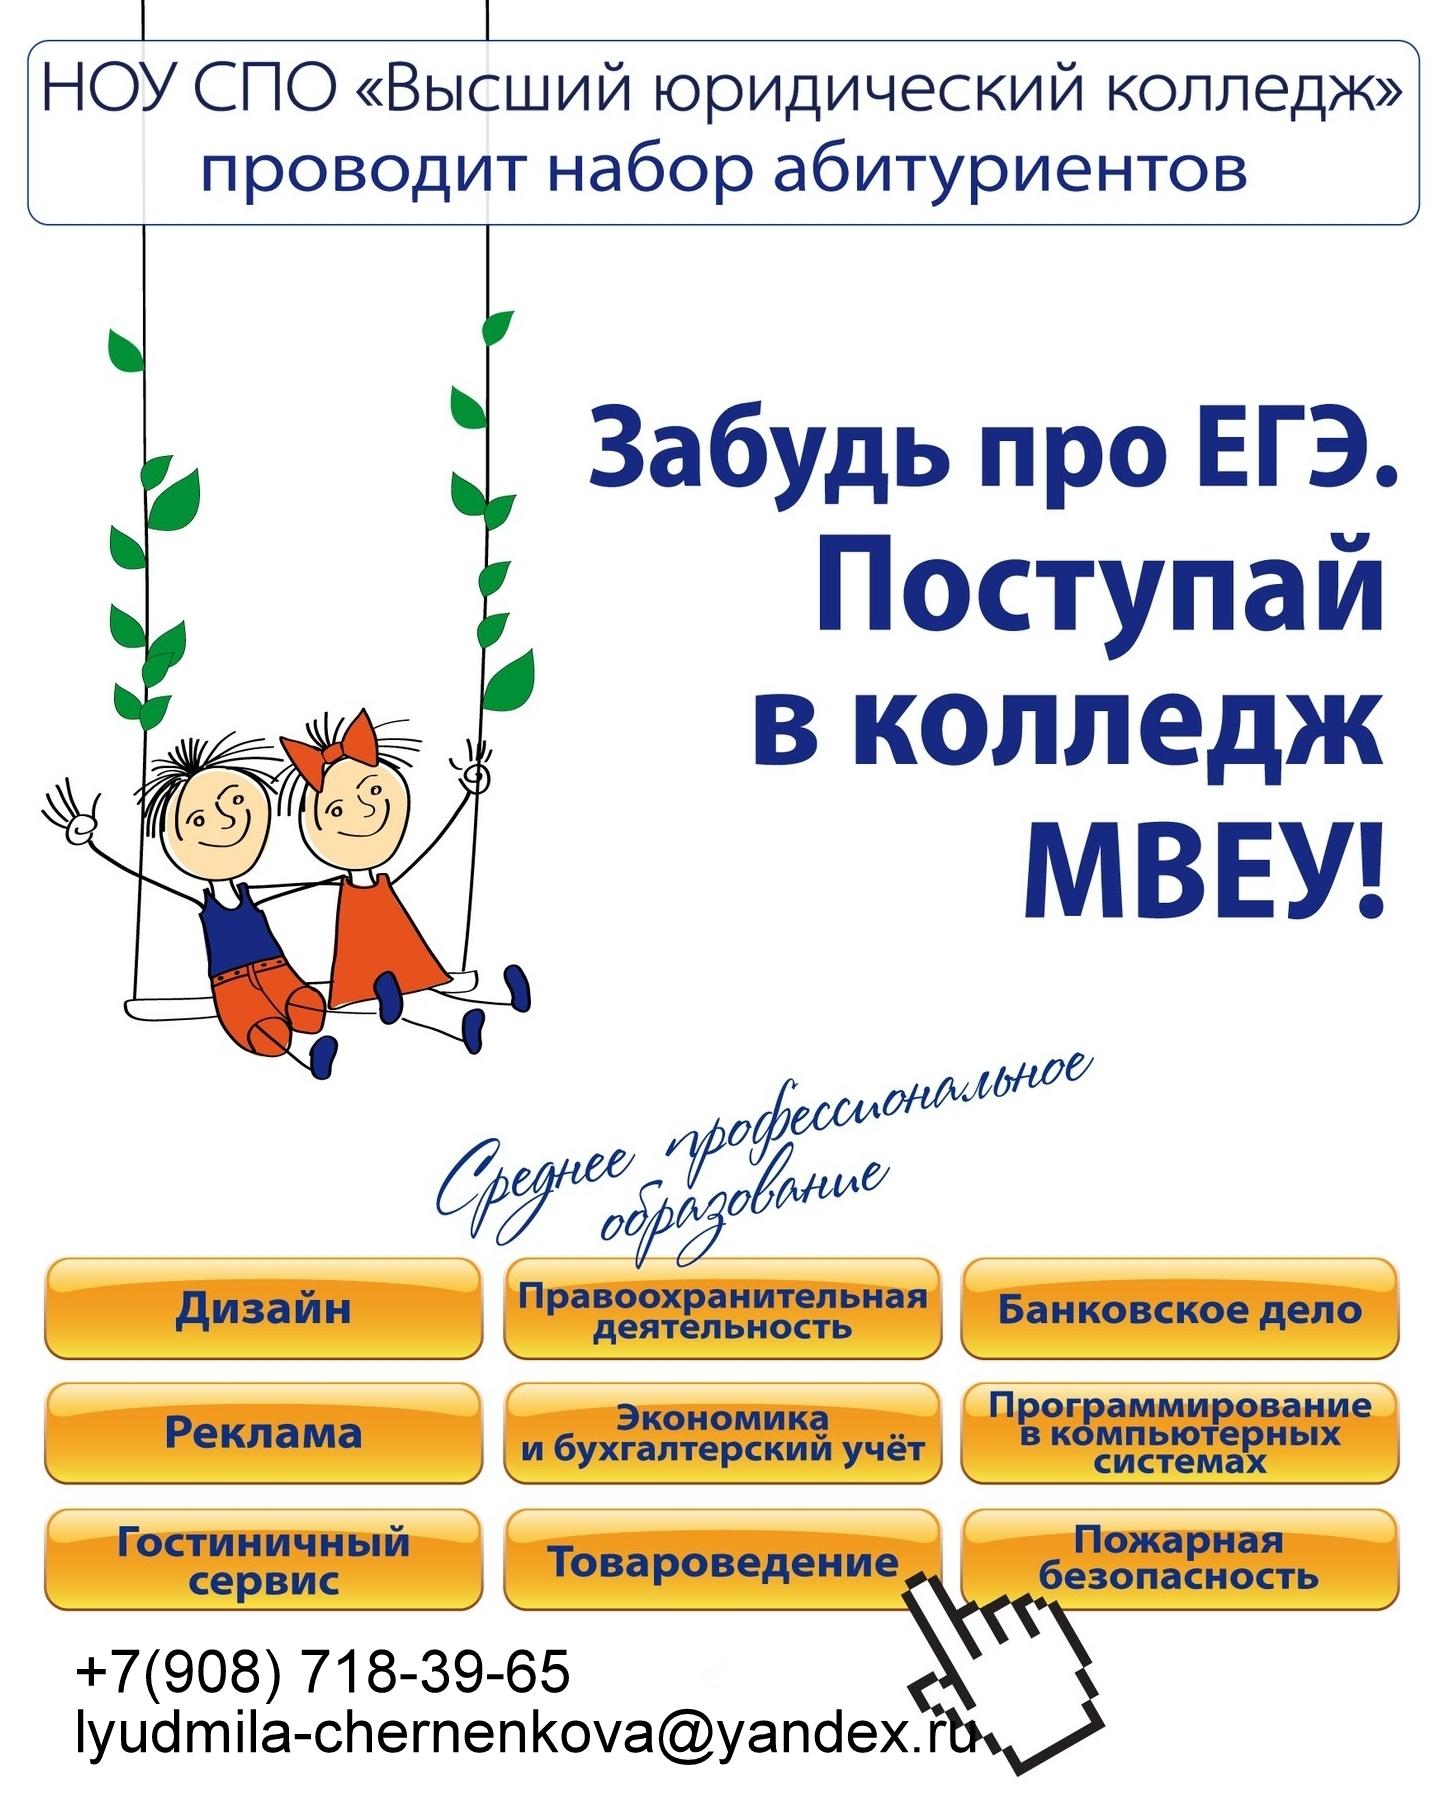 Смотреть телеканал 112 украина новости